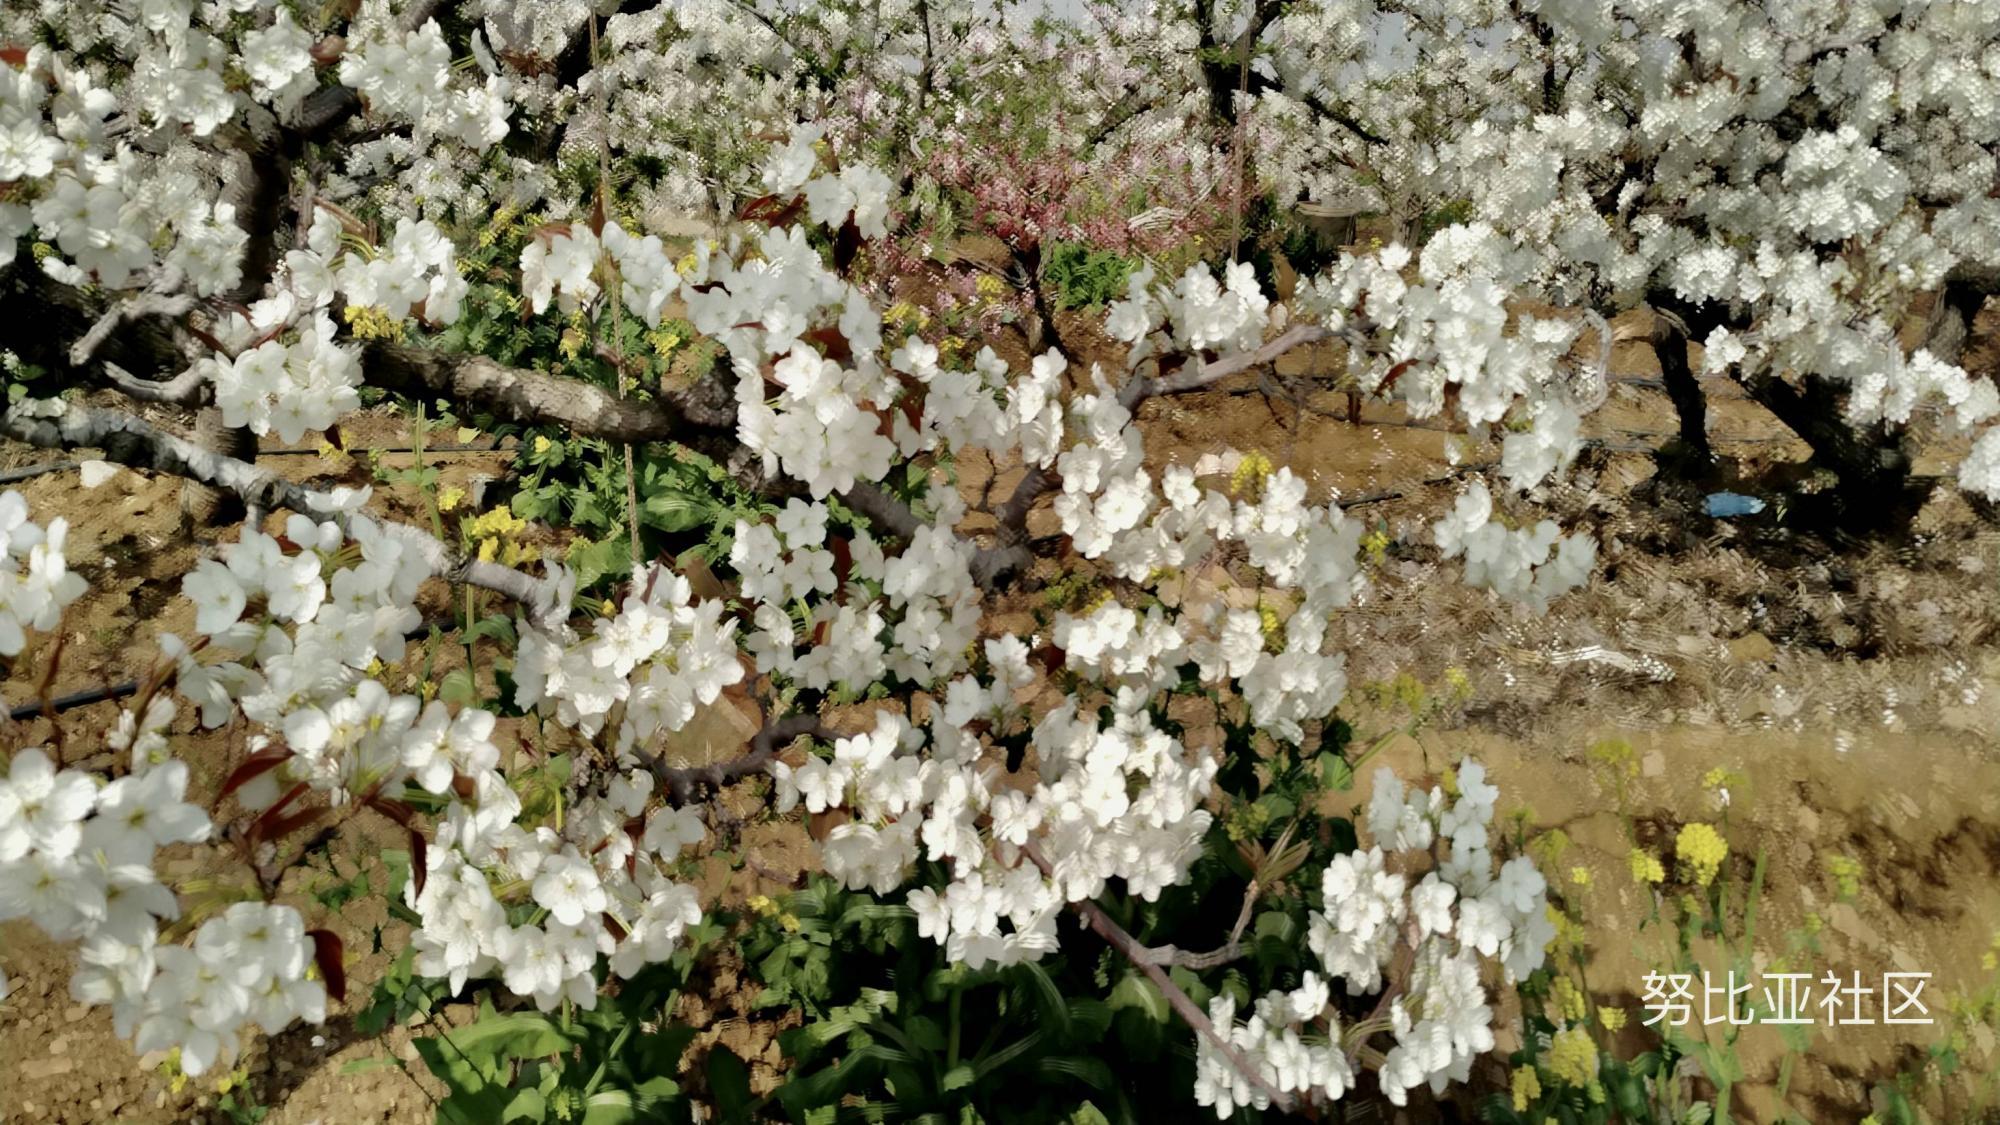 用努比亚Z17光绘梨花盛开状况,尤如画的一般引人入胜。